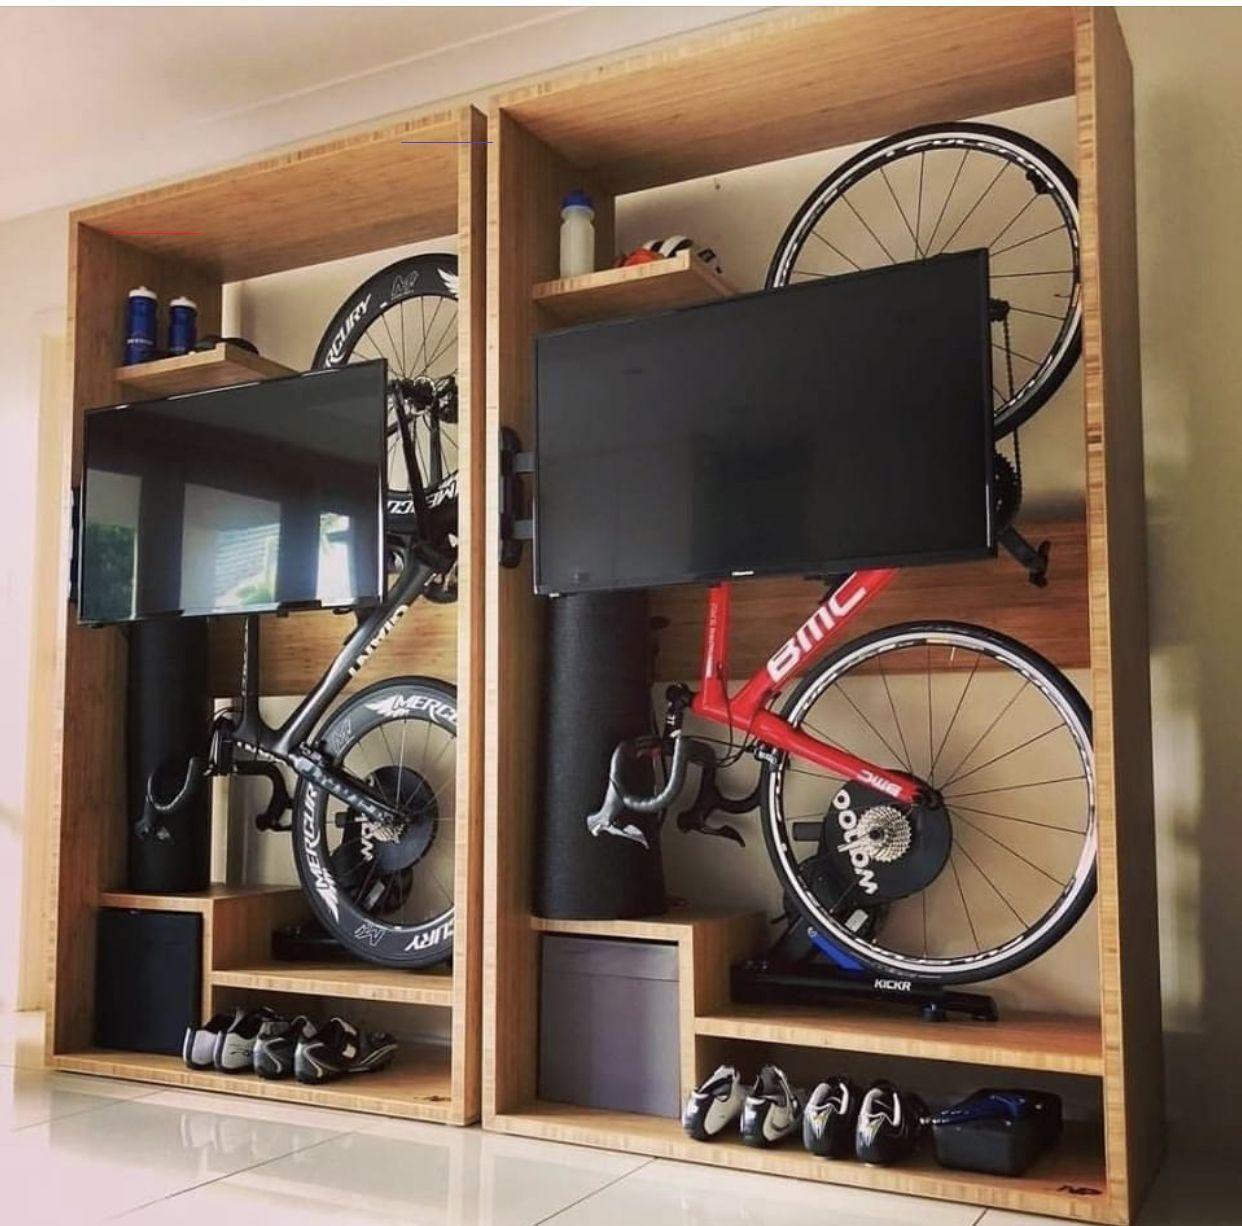 #bikestorageapartment in 2020 | Bike storage apartment ...